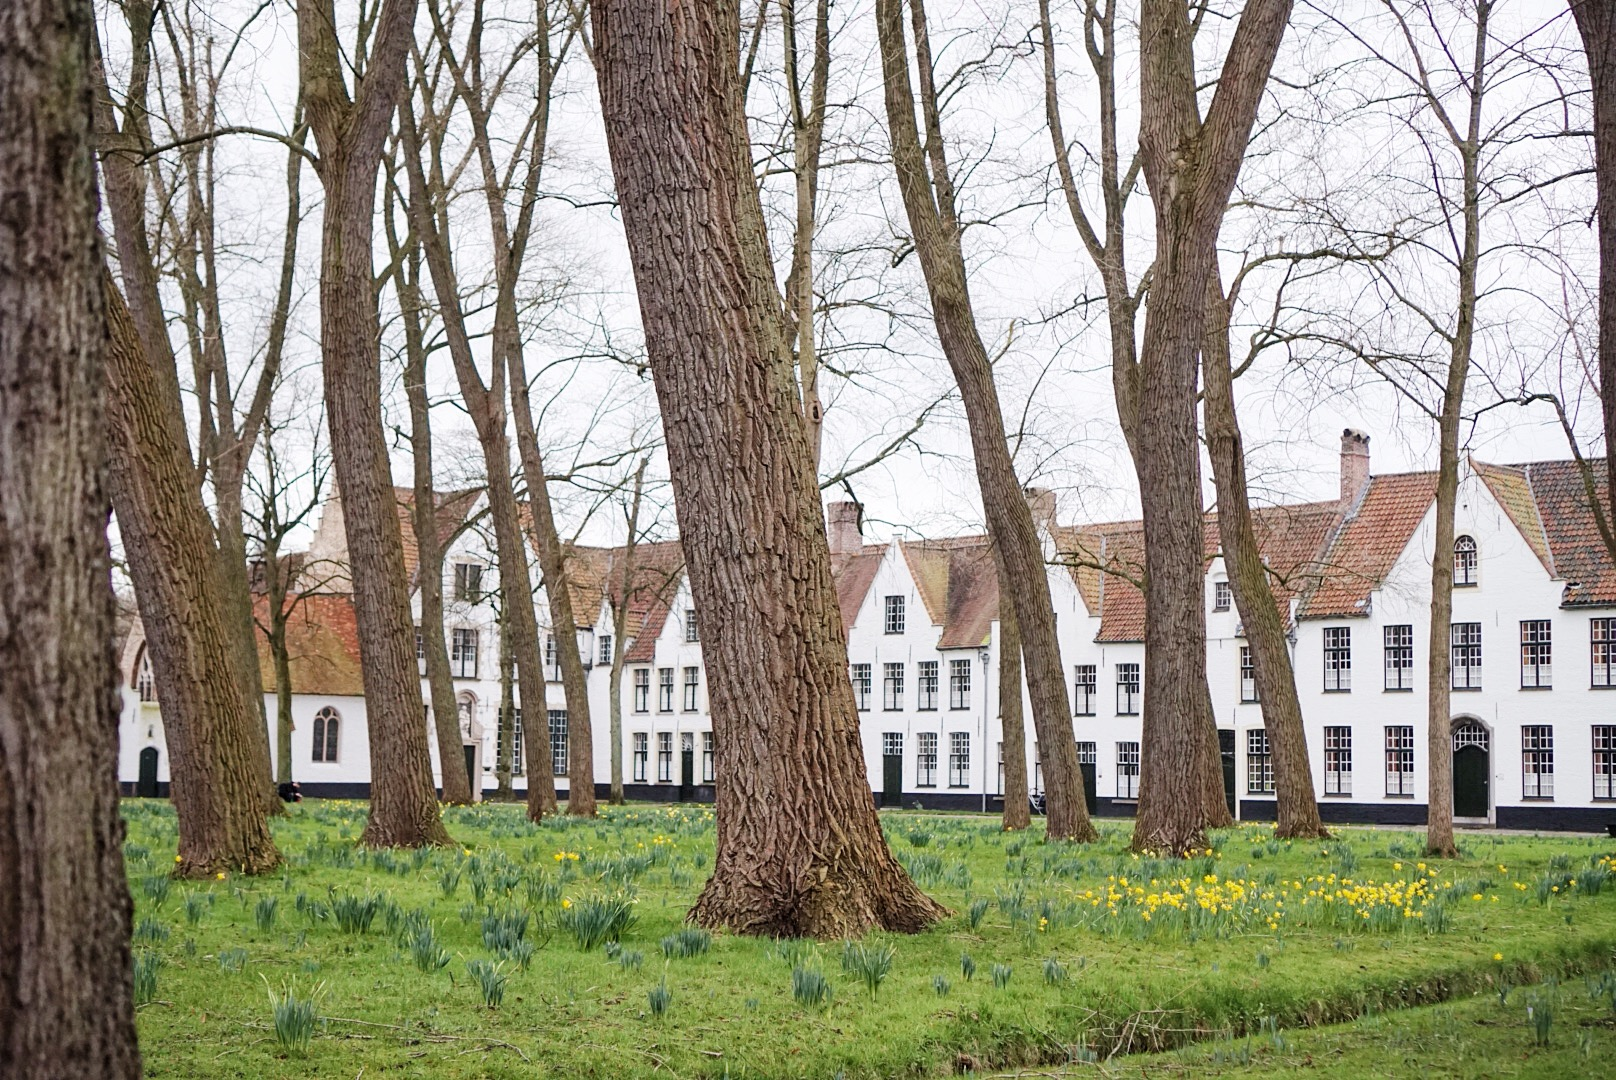 Domy Beginek i kwitnące żonkile. Tak kwitnące żonkile na początku lutego. Witamy w Belgii.